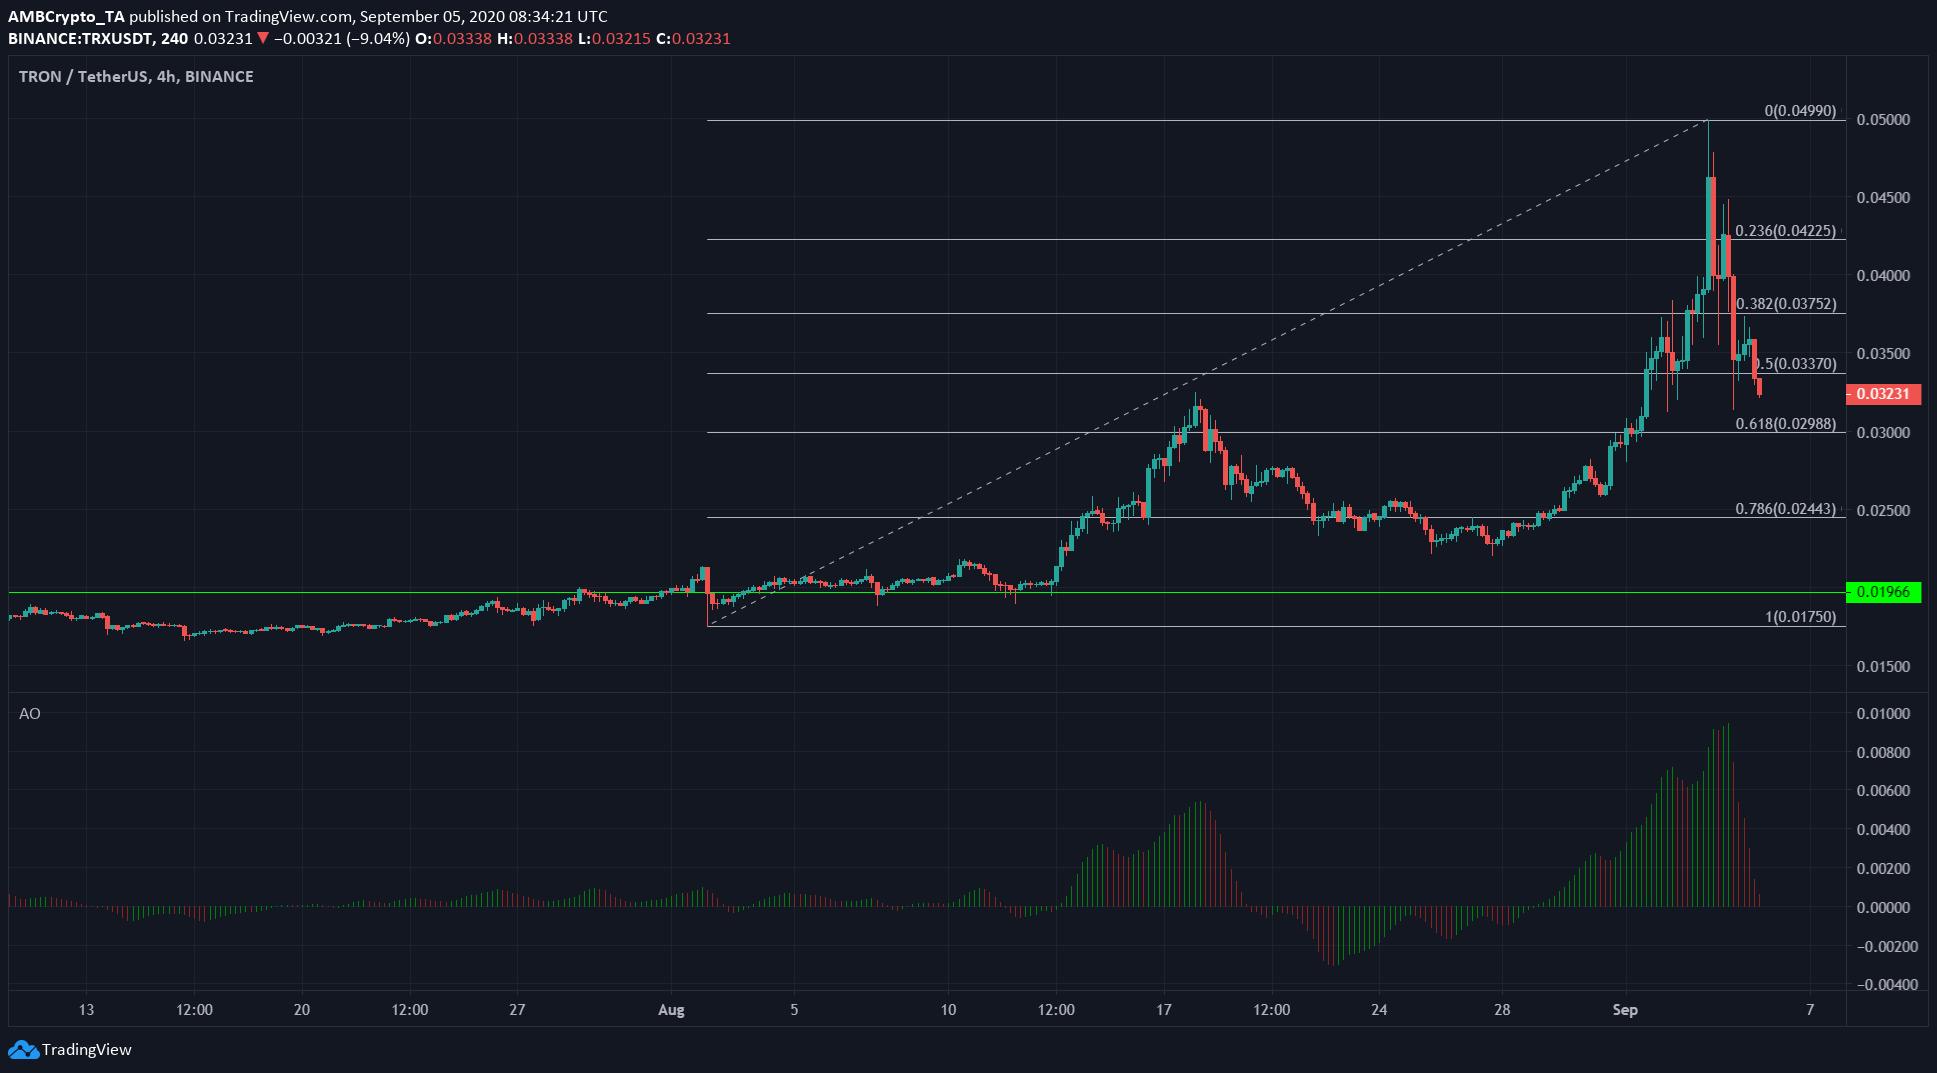 Tron, Polkadot, Crypto.com Coin Analisis Harga: 5 September